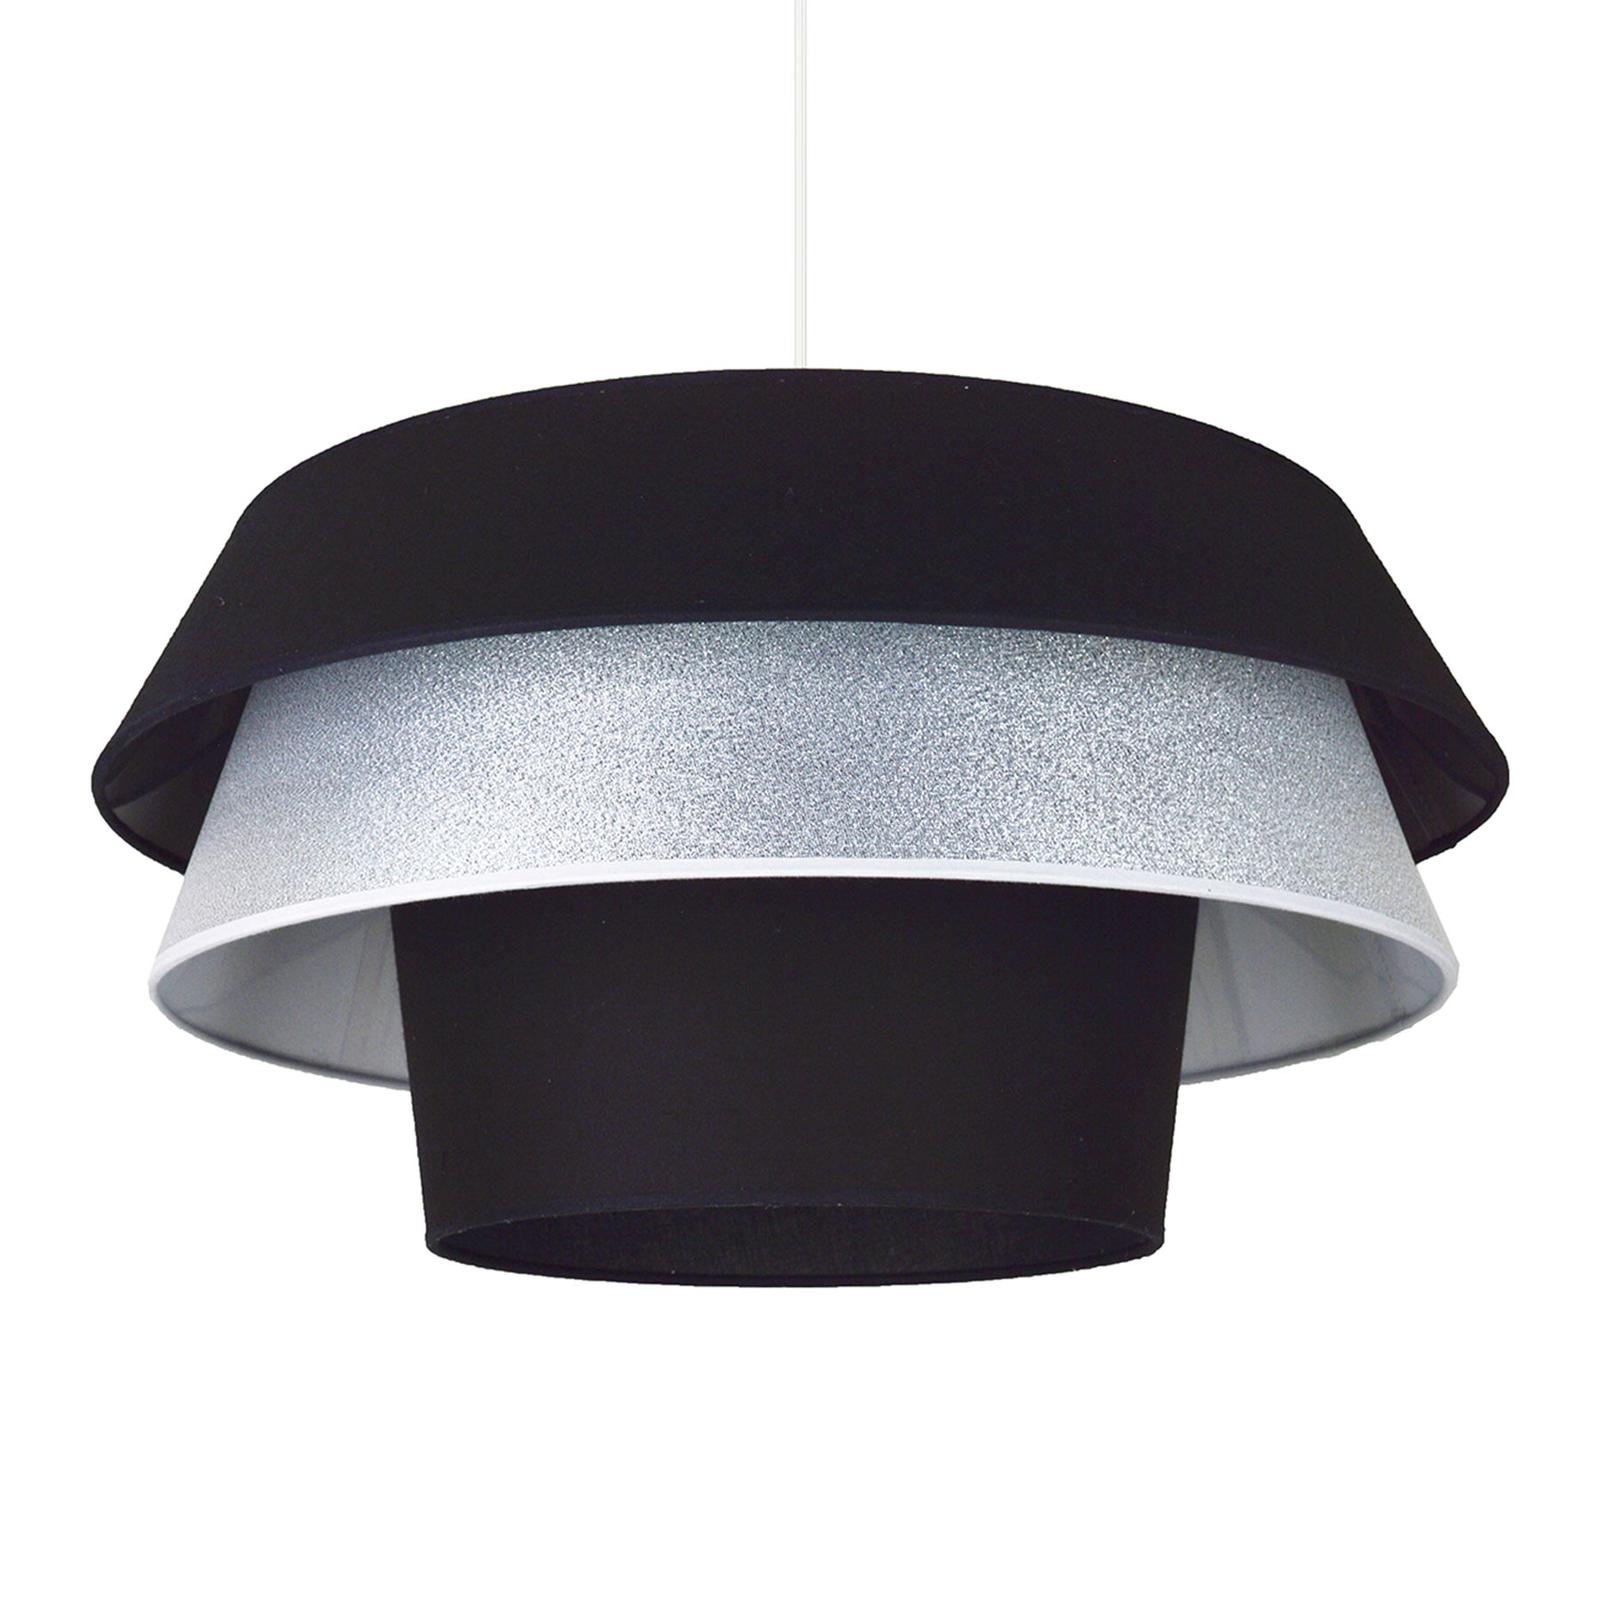 Lotos hængelampe i stof, sort og sølv